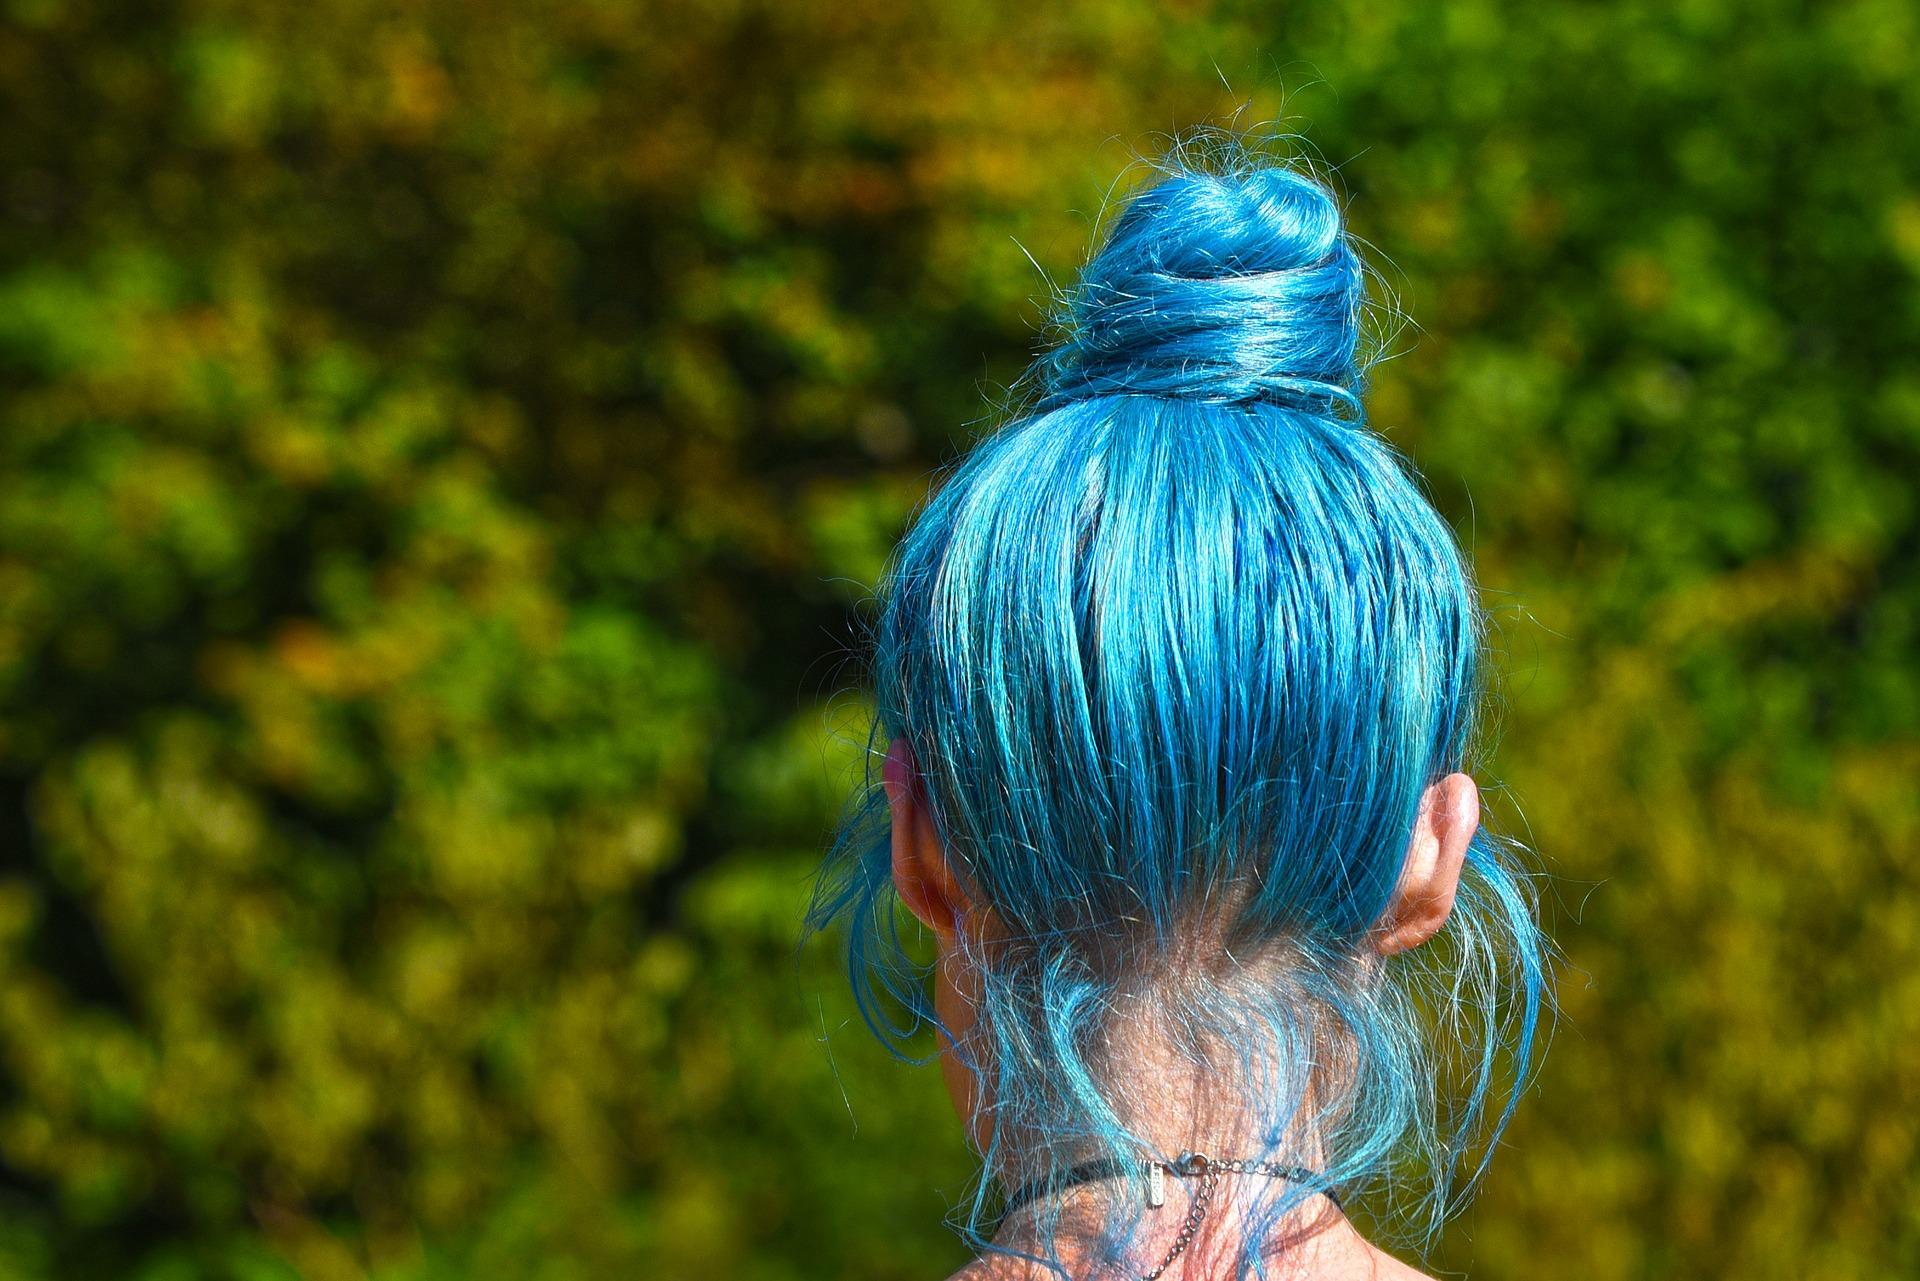 الهرمونات تلعب دوراً أساسياً في الحفاظ على طول الشعر (pixabay)